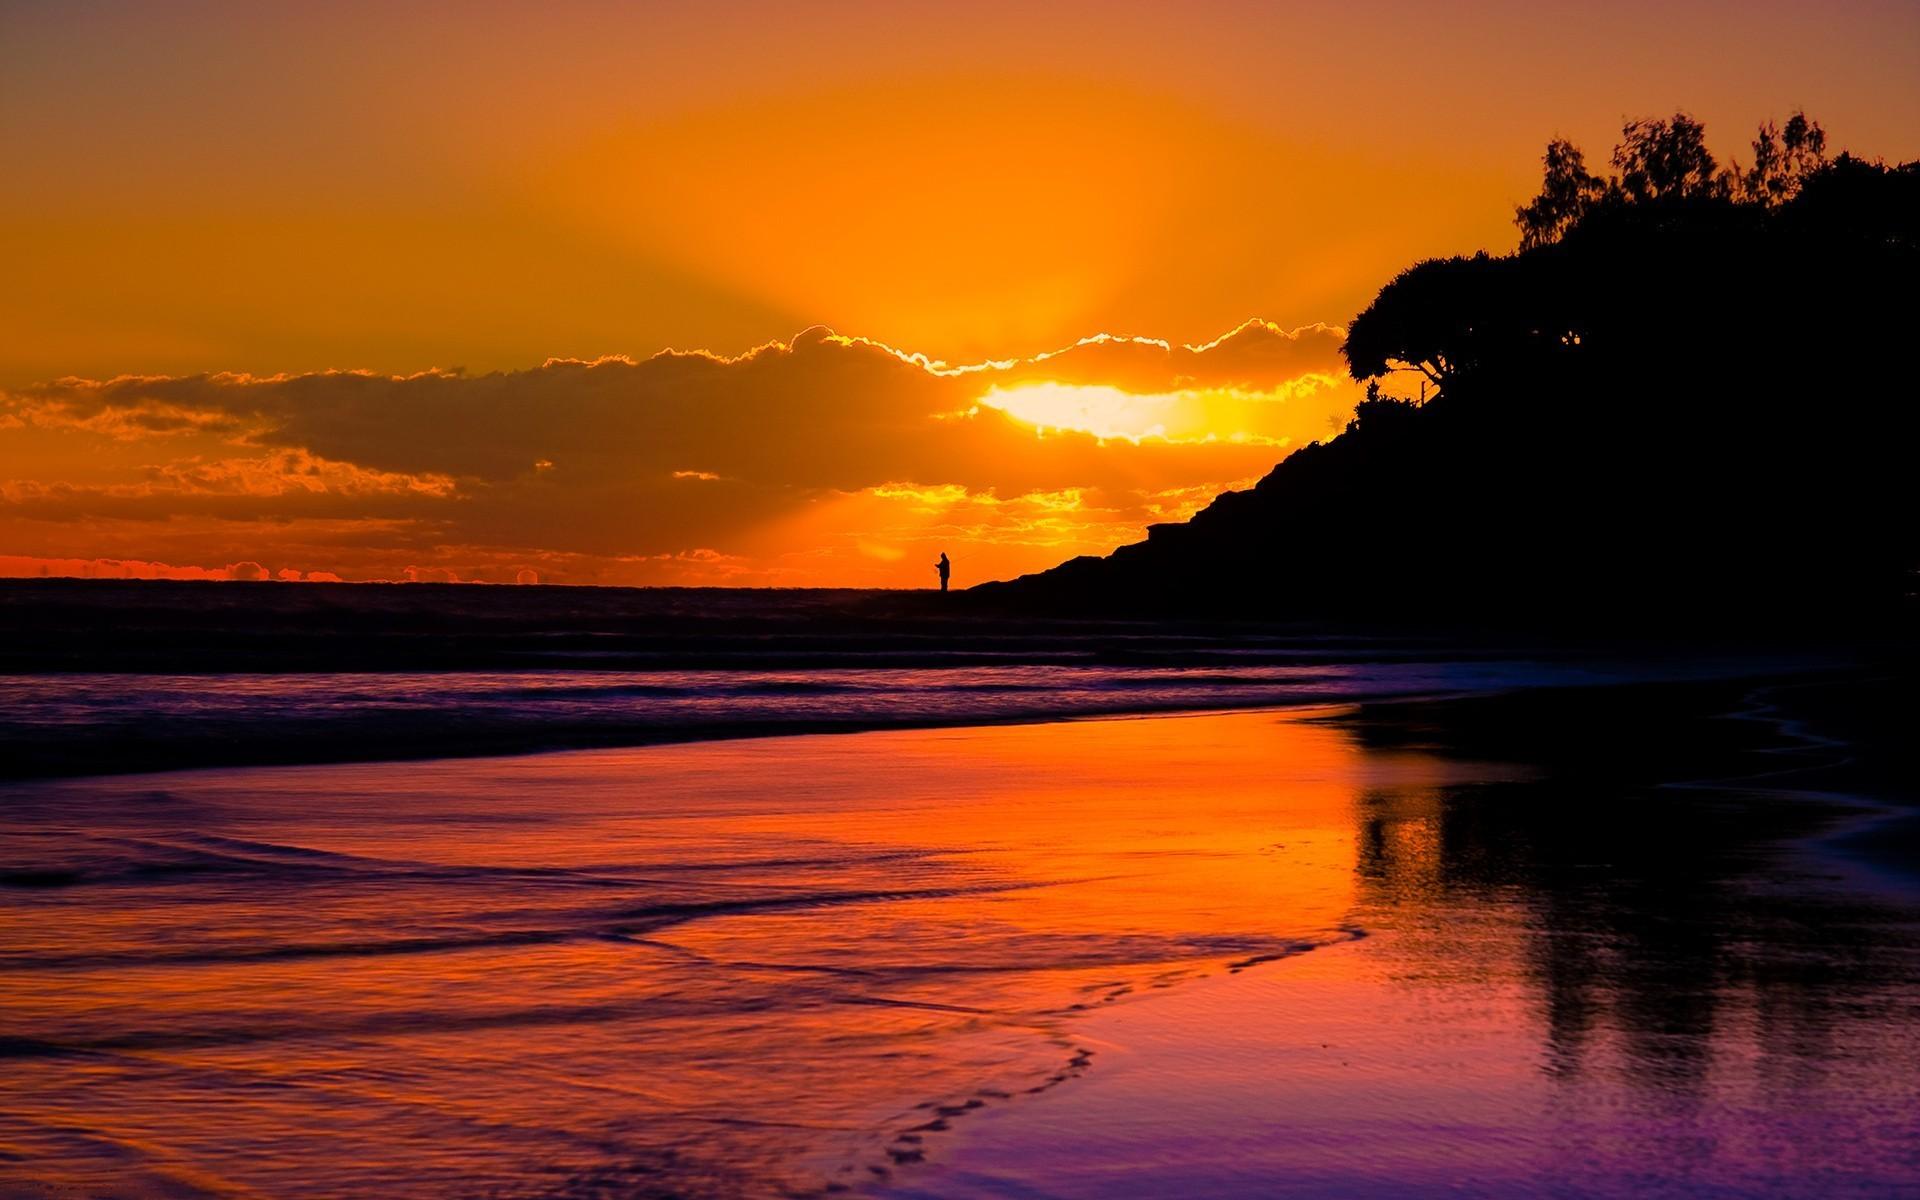 Download Sunset Beach Wallpaper 1920x1200 Wallpoper 386791 1920x1200